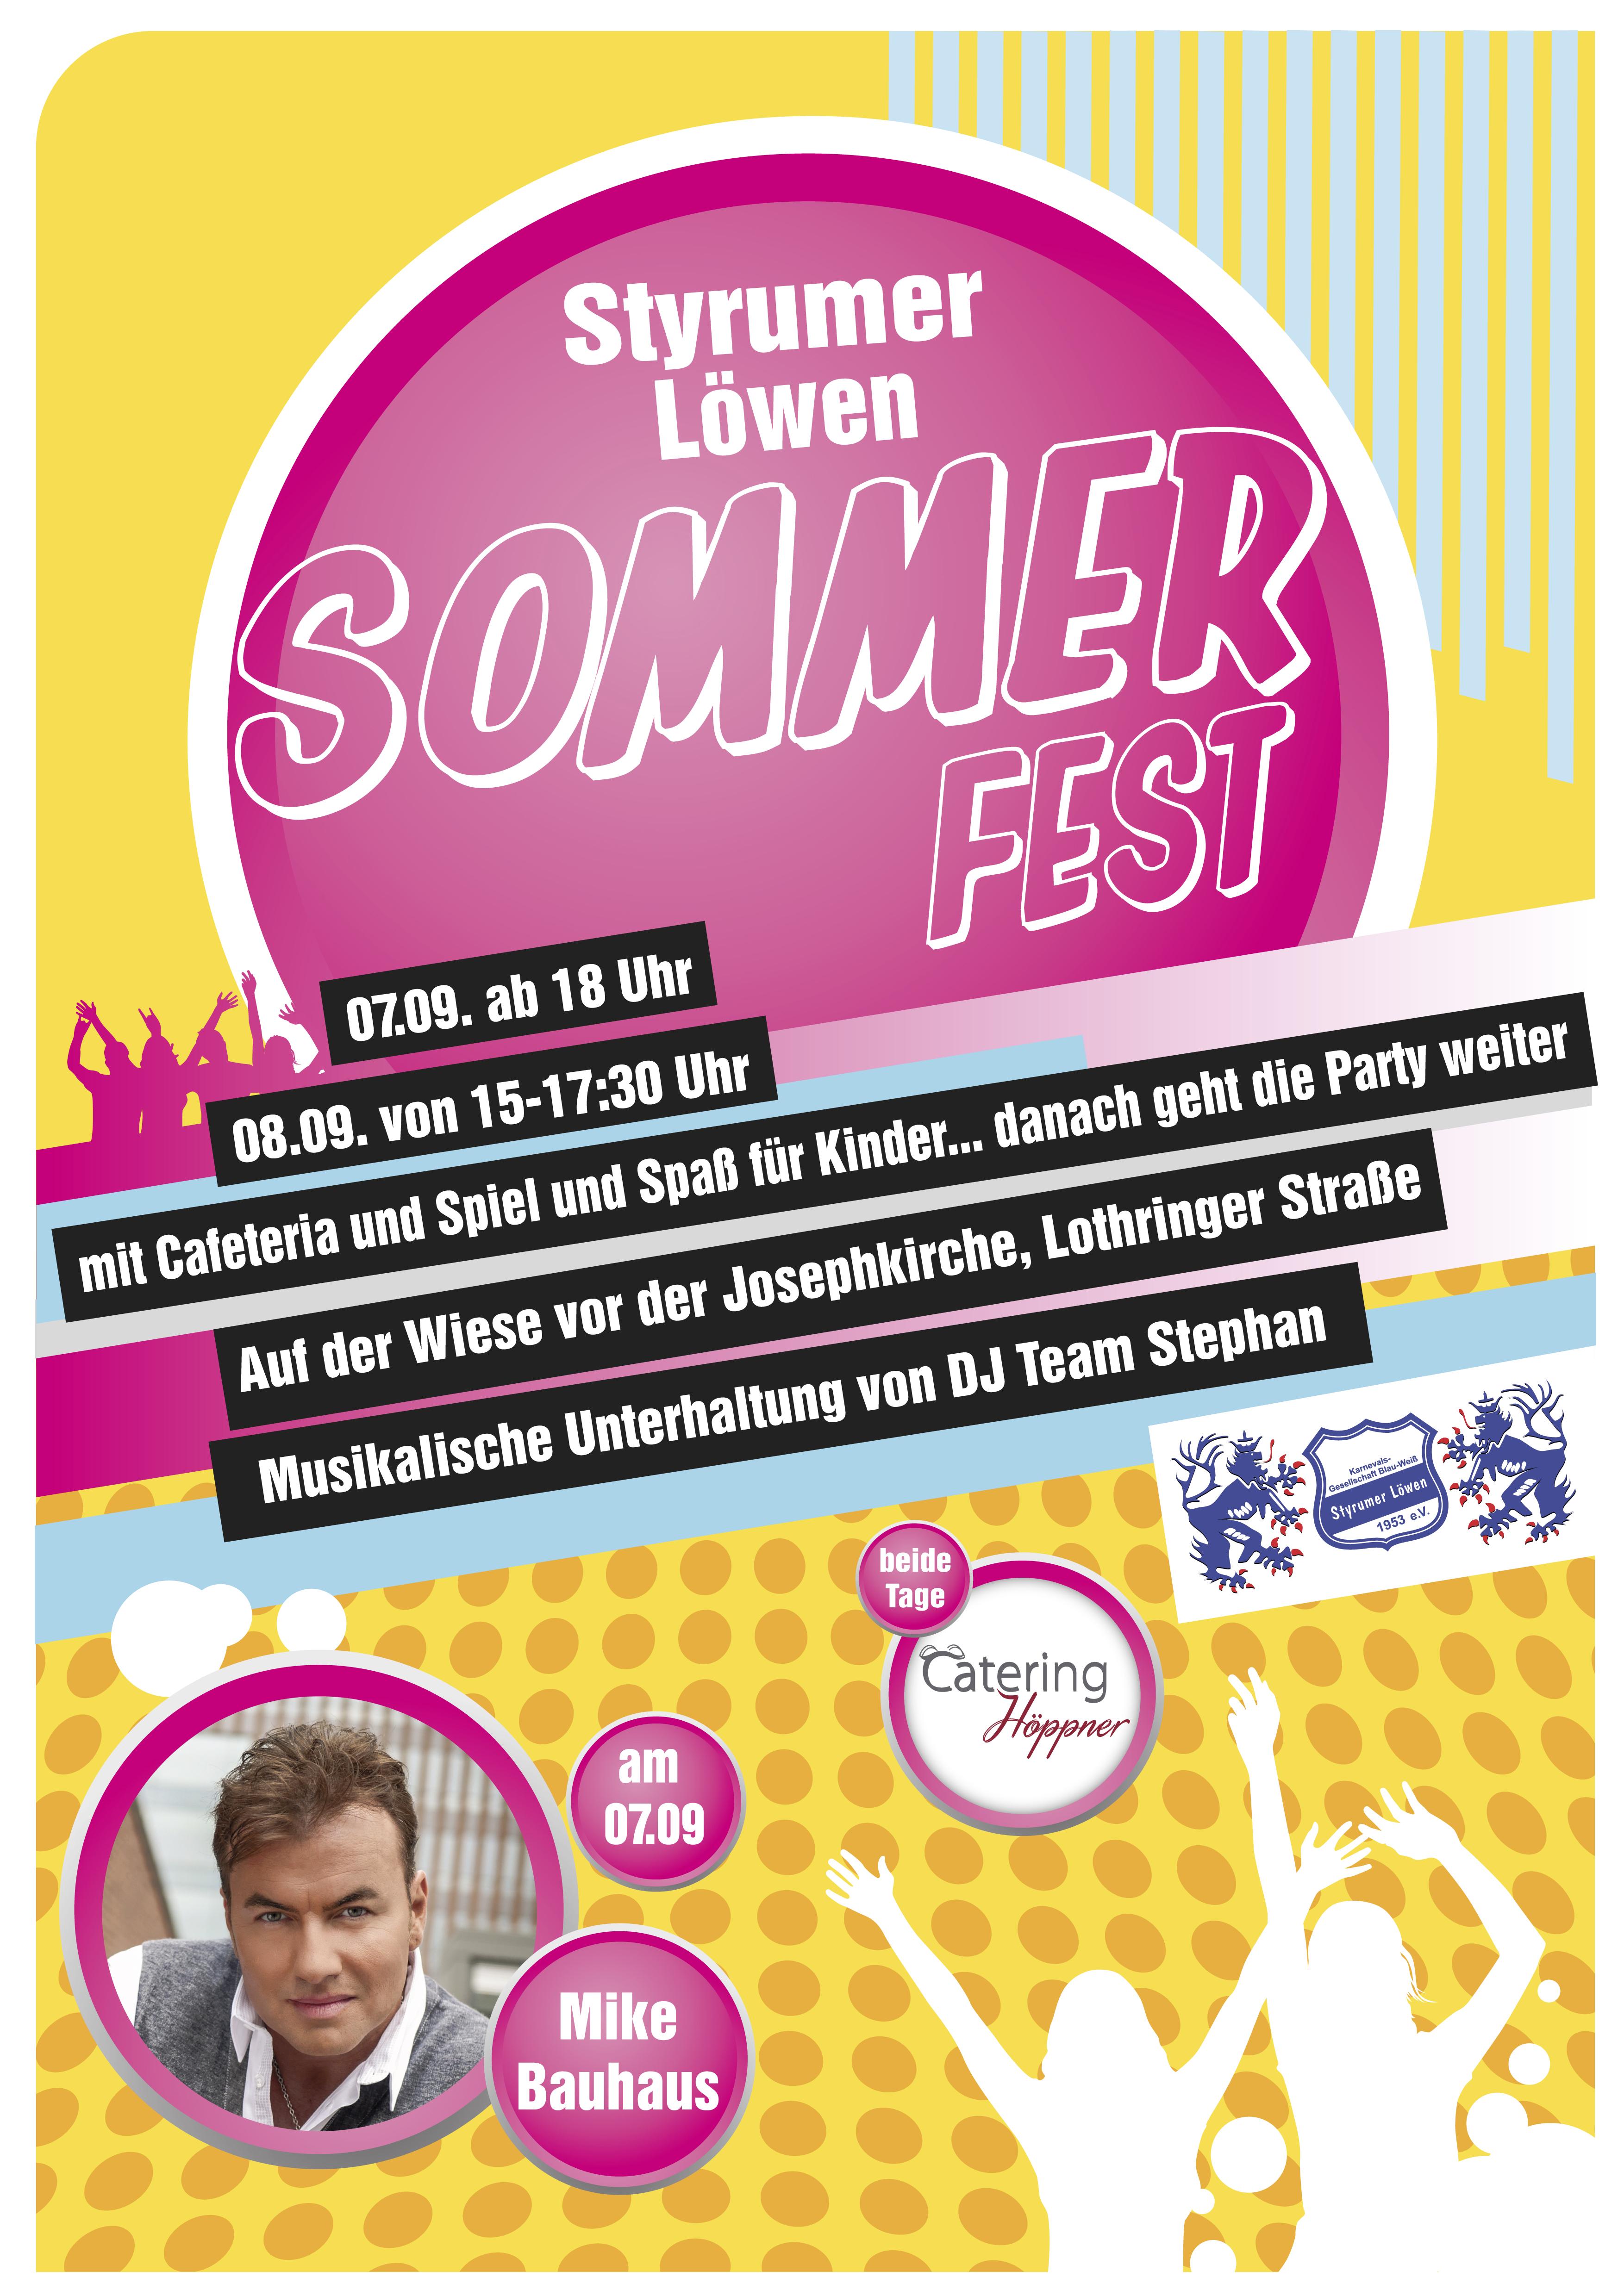 Styrumer Löwen Sommerfest 2018